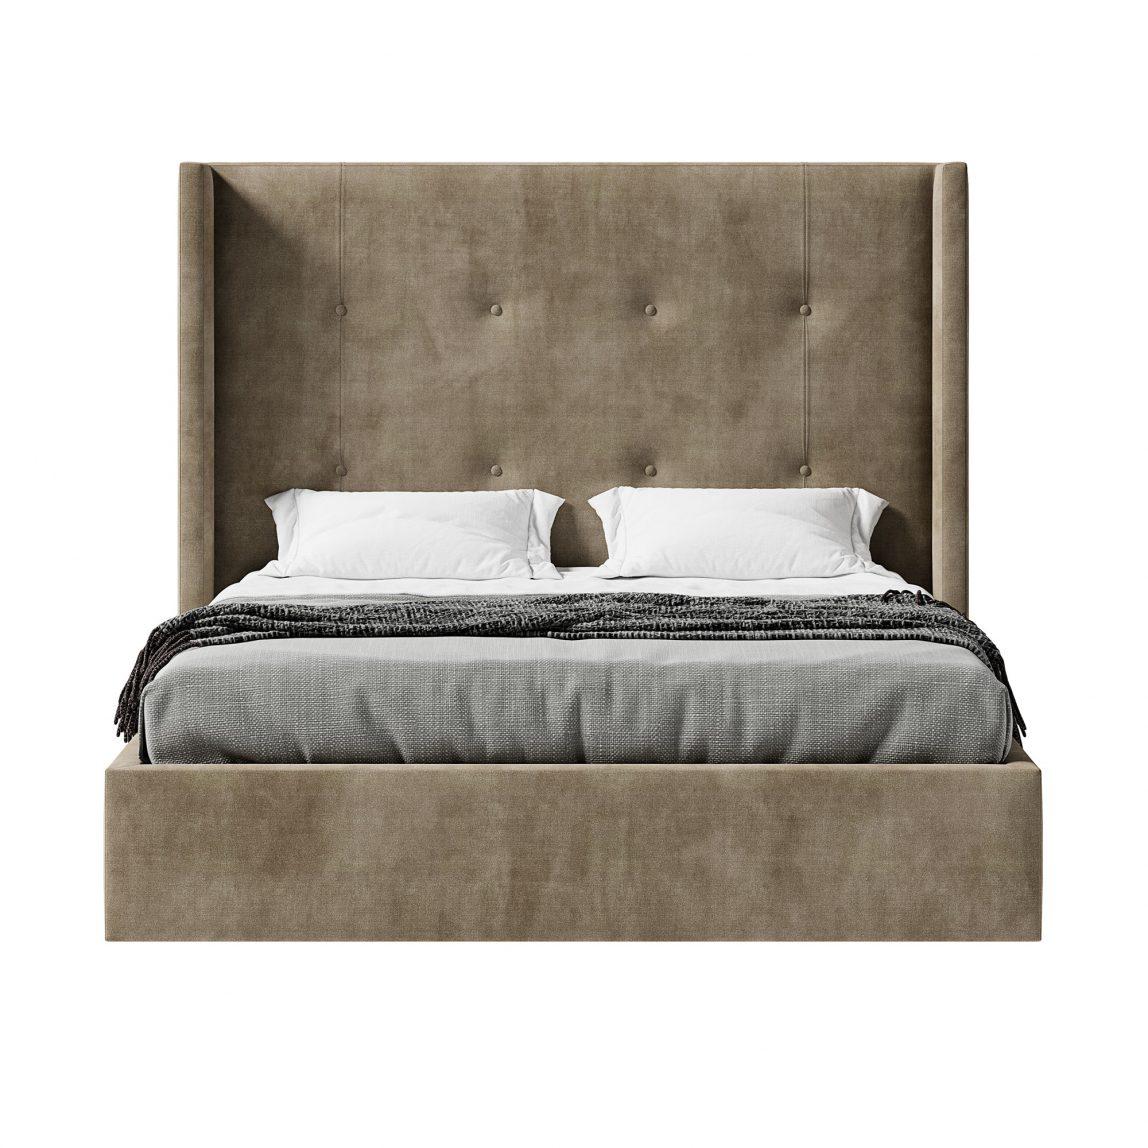 Дизайнерская кровать Норман